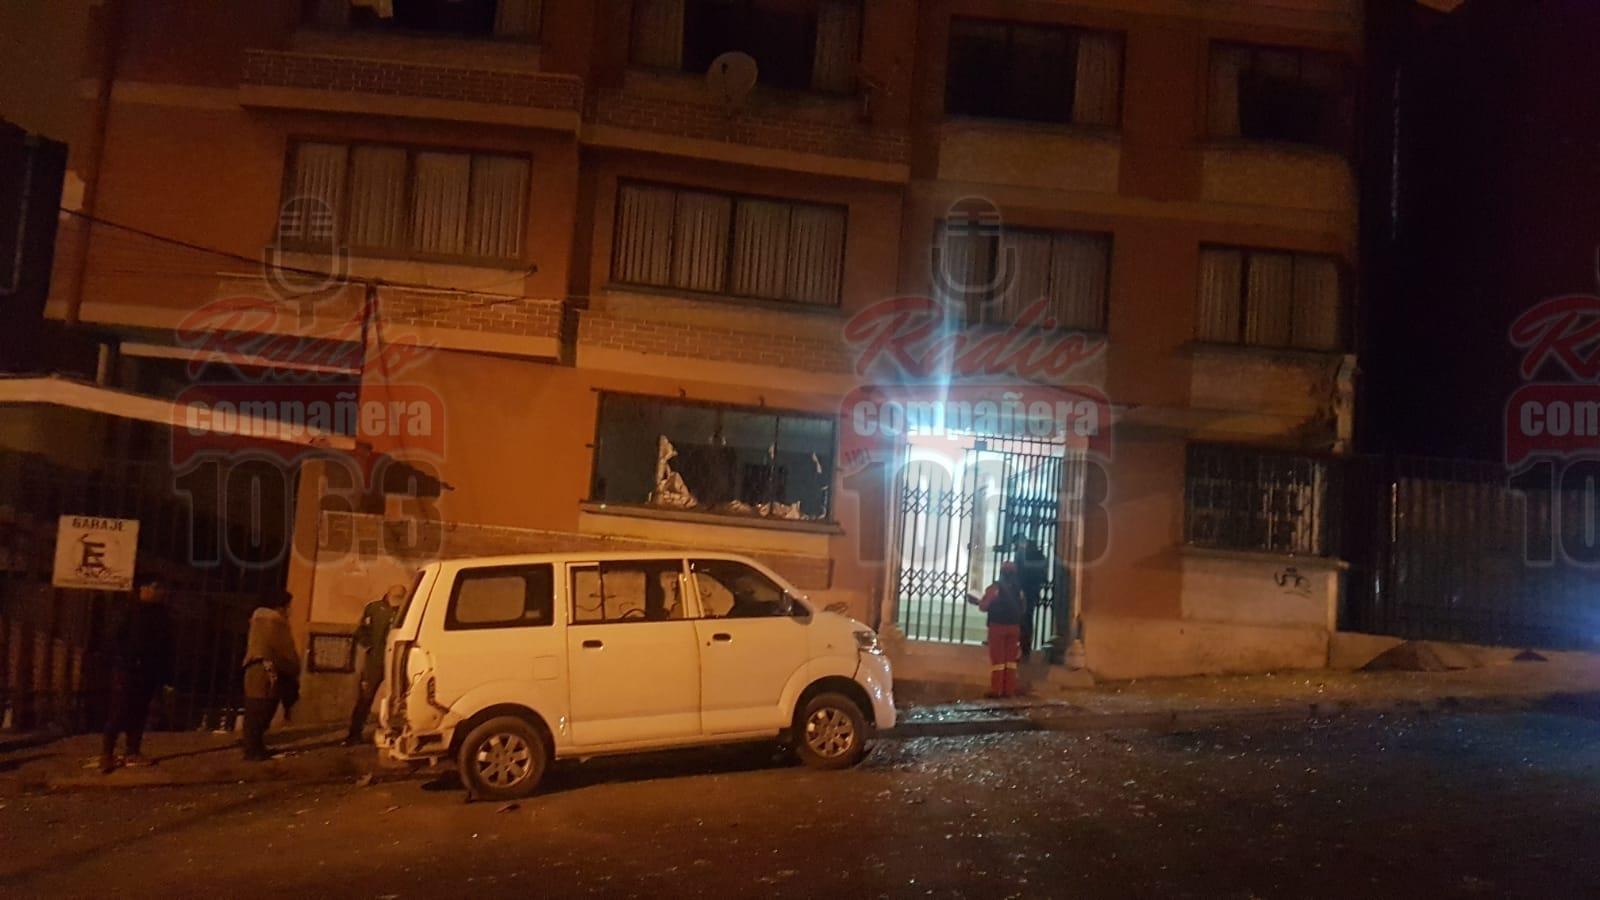 Bomberos confirma que cuatro viviendas fueron afectadas por la explosión en Adepcoca